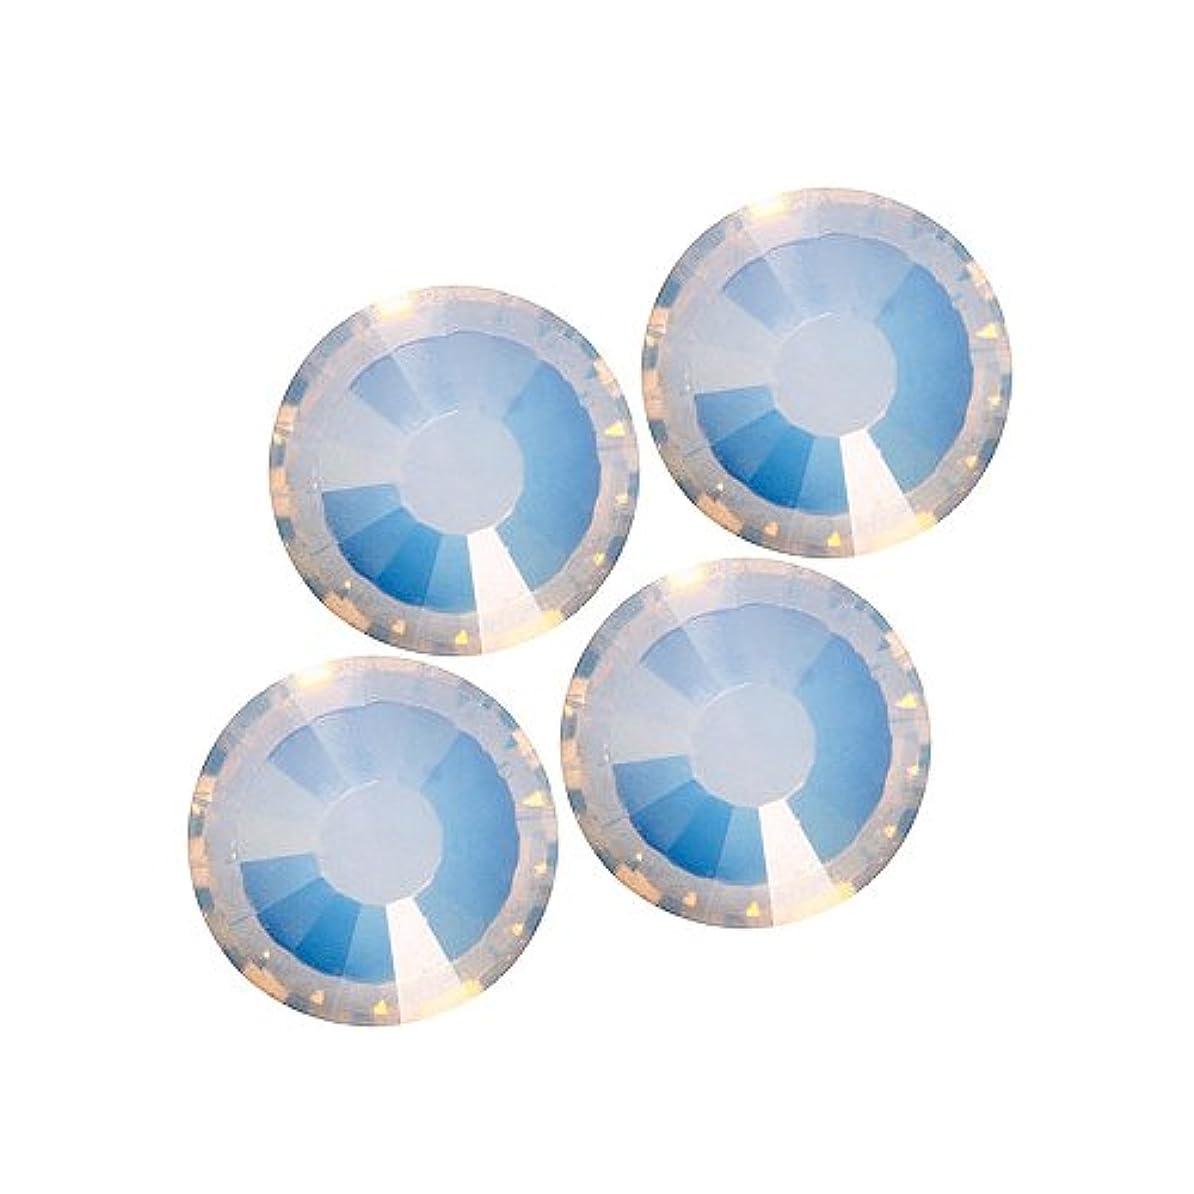 ユダヤ人左大陸バイナル DIAMOND RHINESTONE ホワイトオパールSS8 1440粒 ST-SS8-WHO-10G